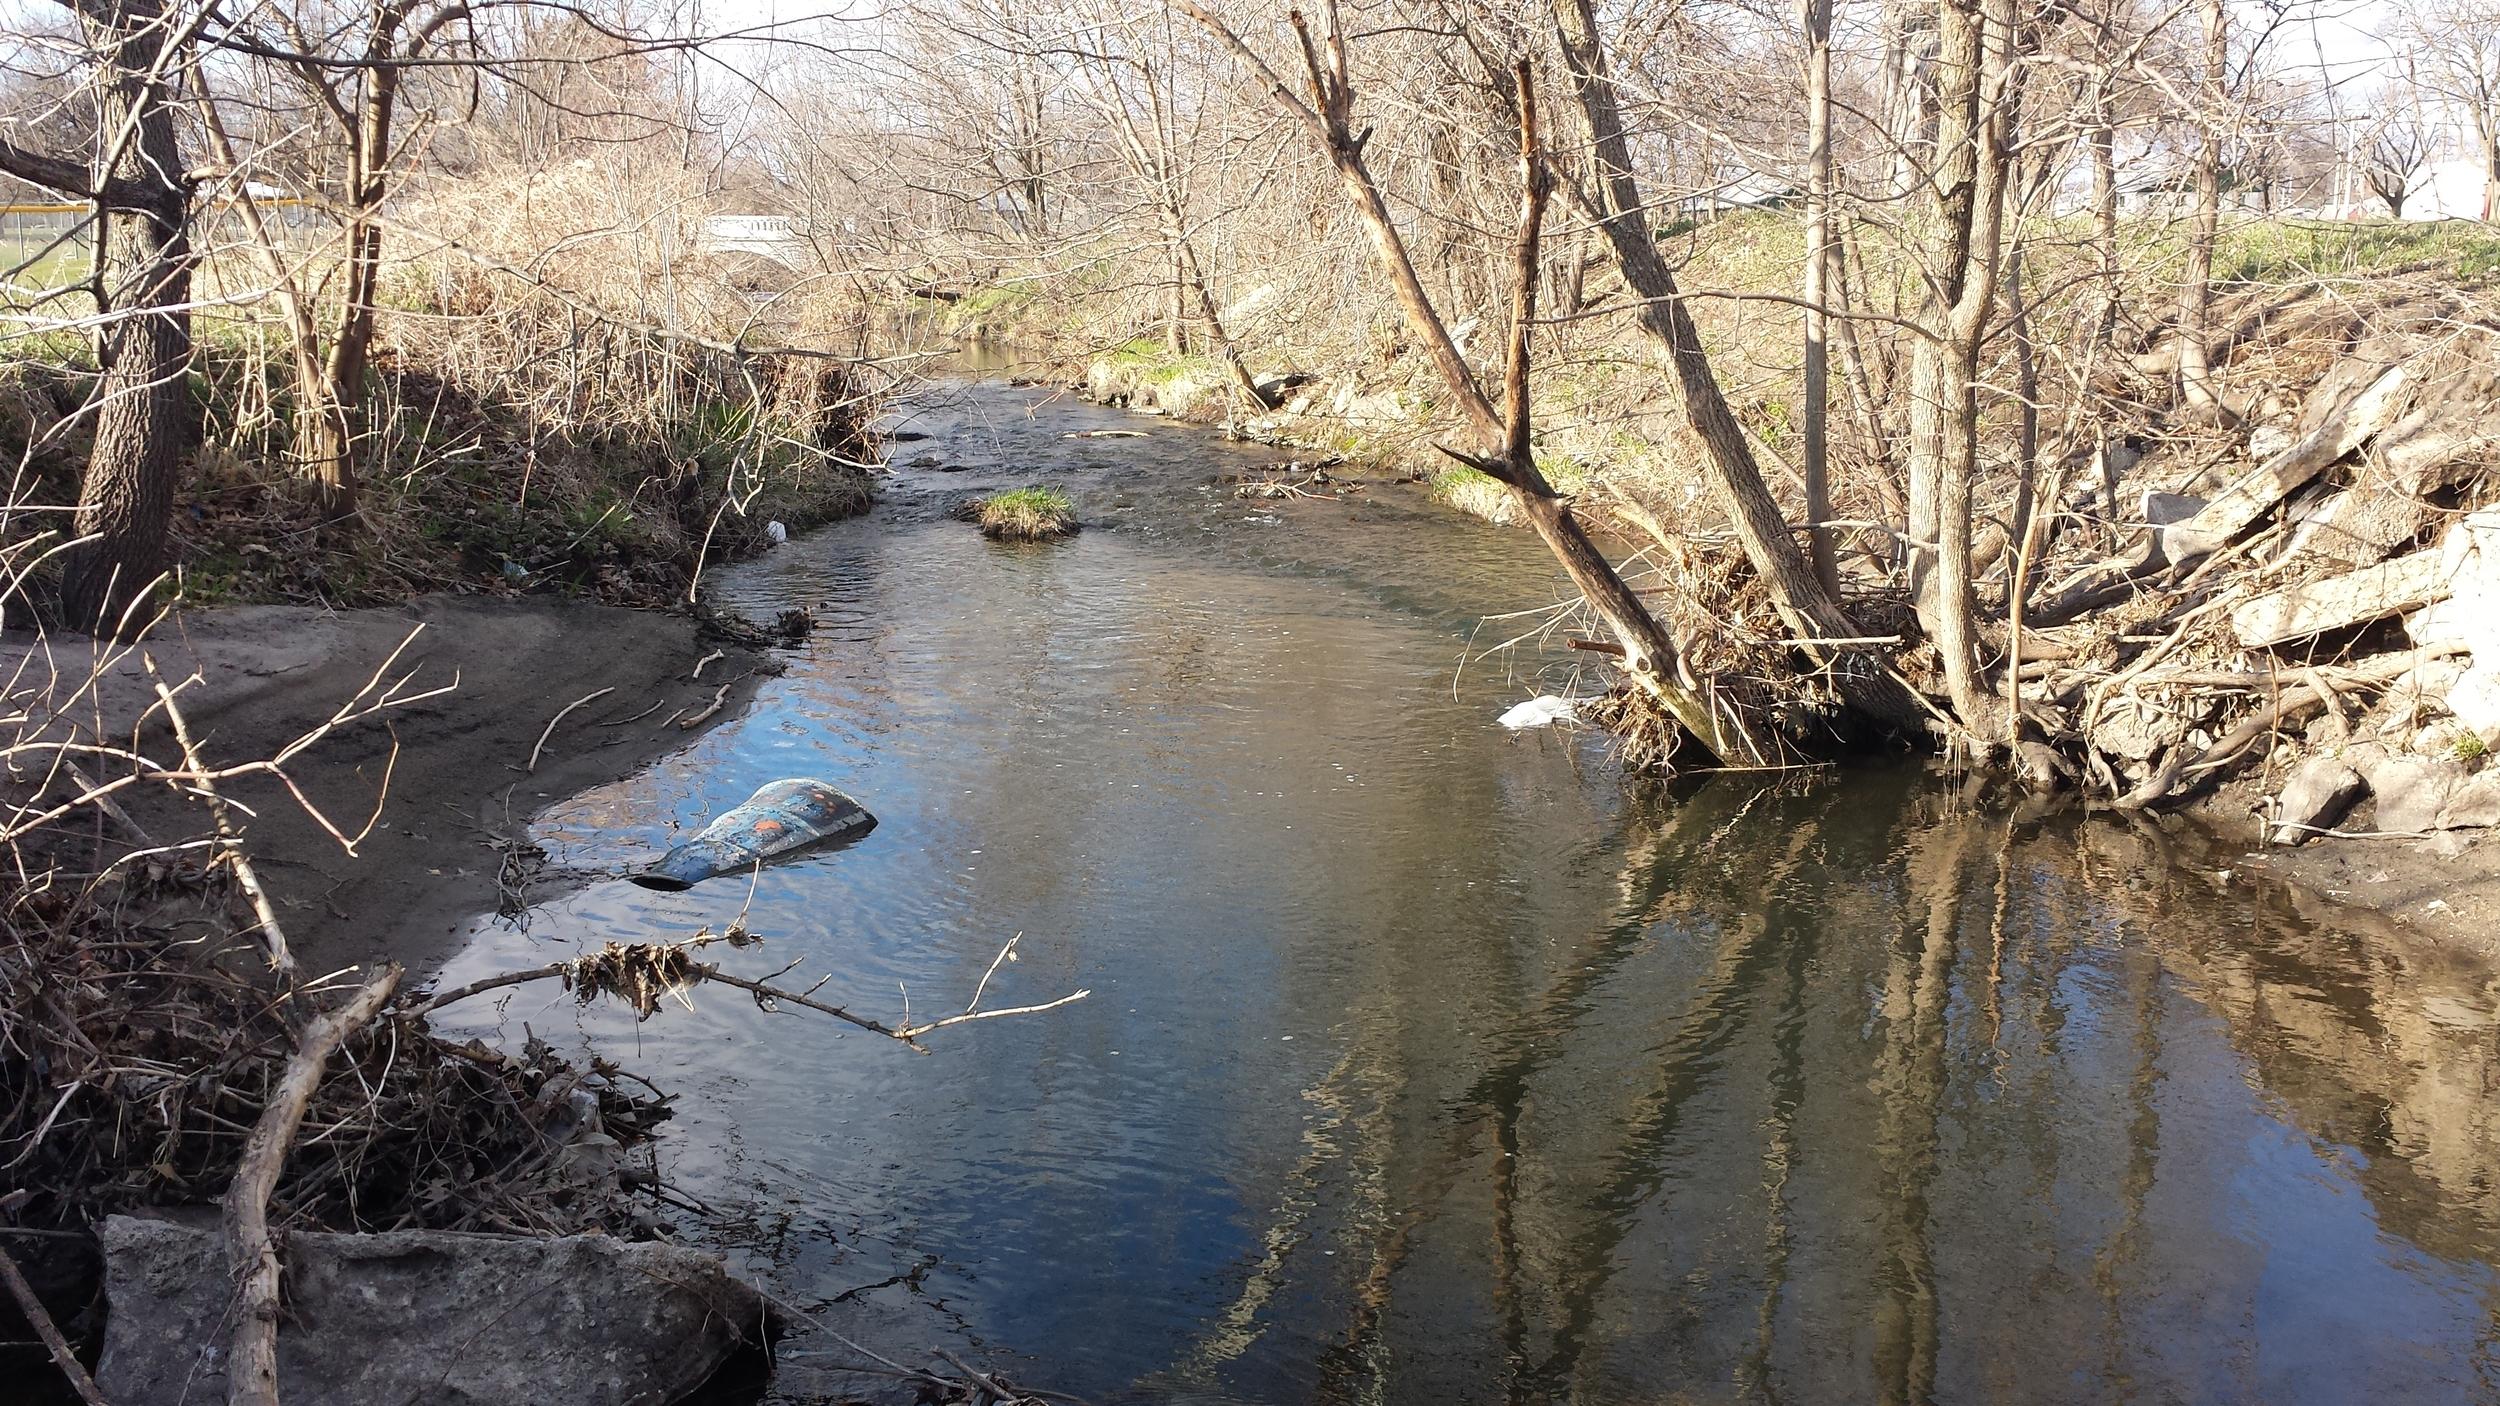 A likely creek chub hole